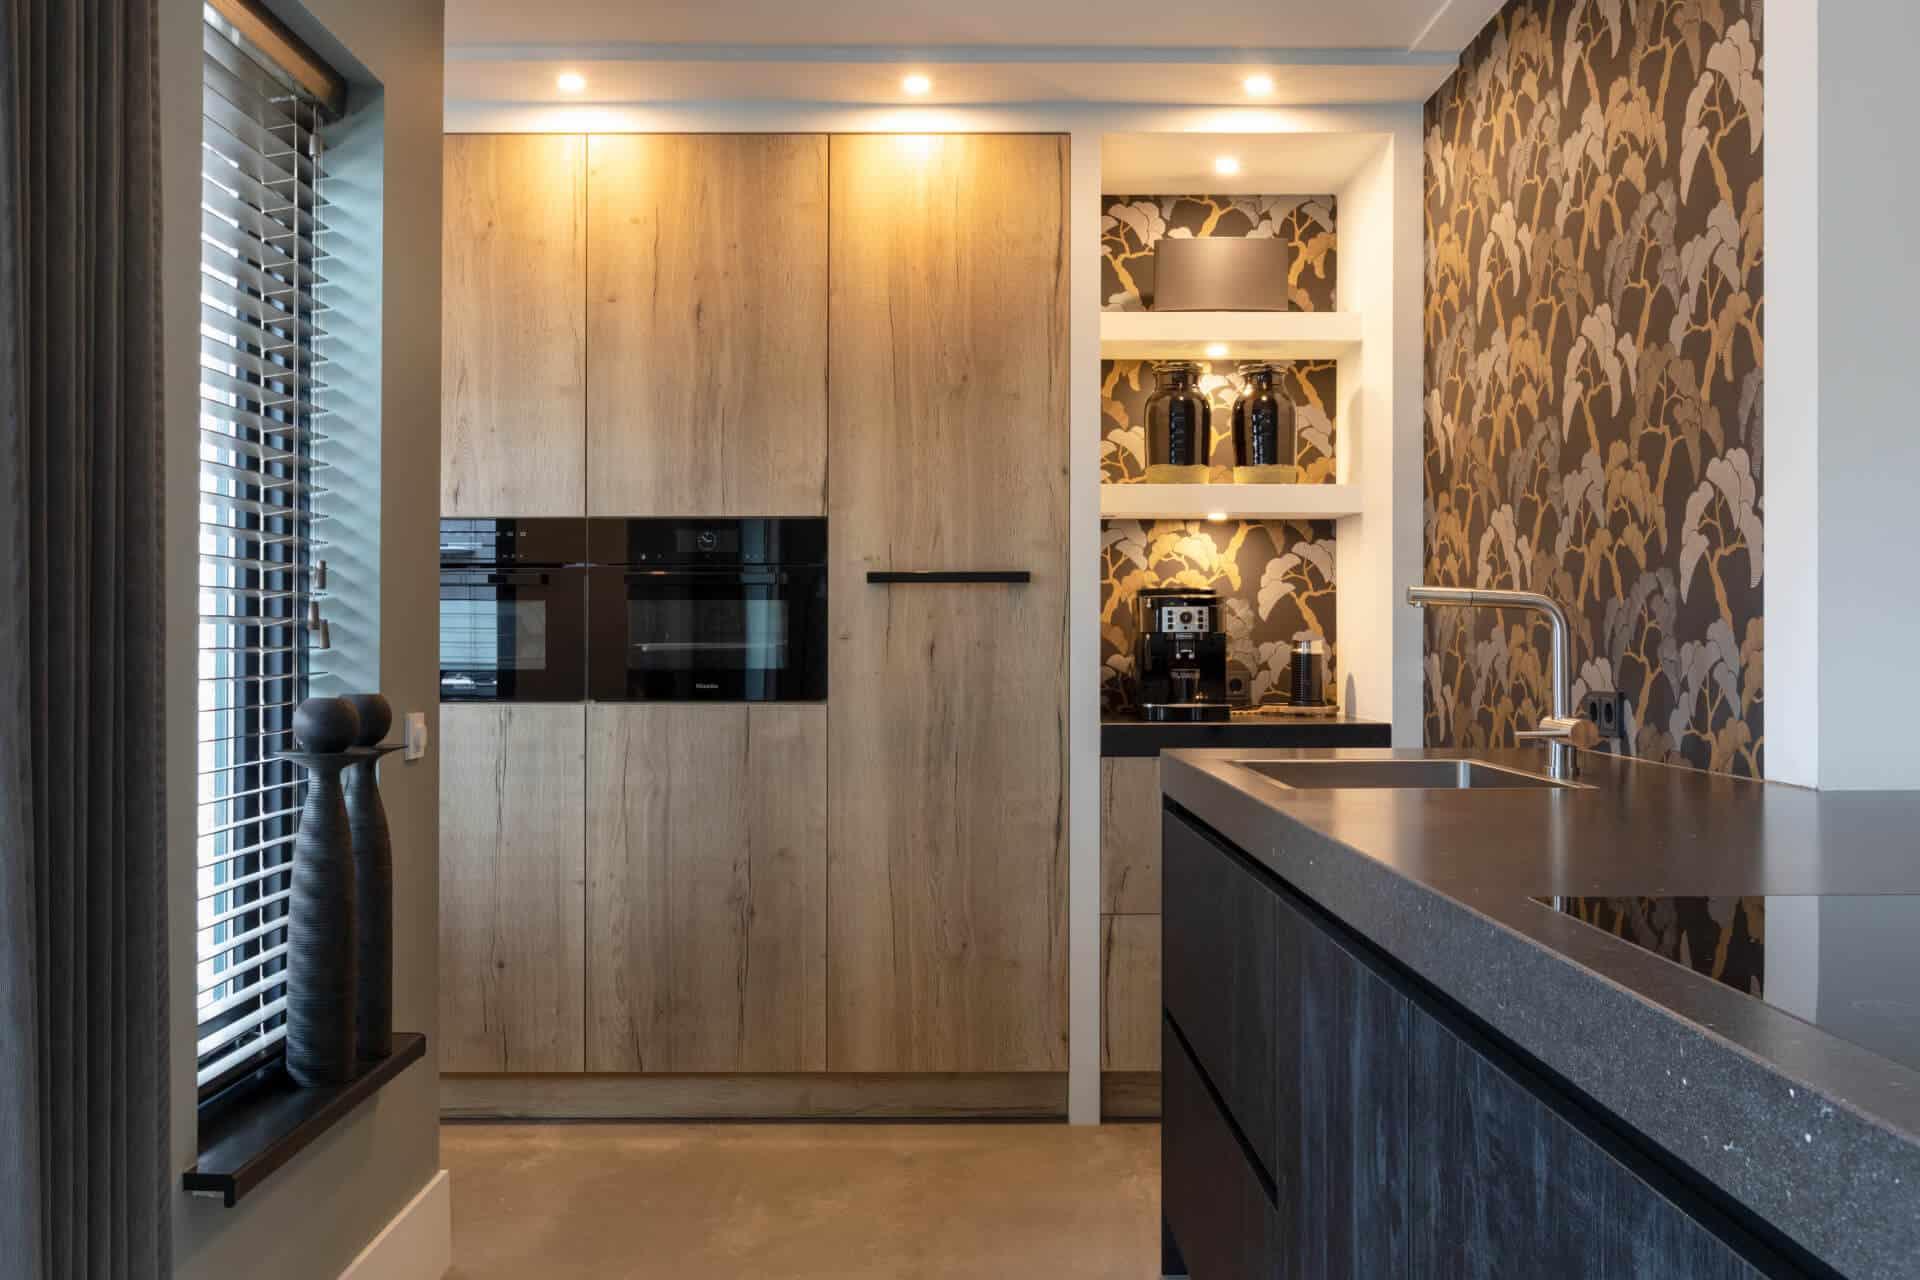 Kunststof keuken met unieke houtstructuur | Barneveld